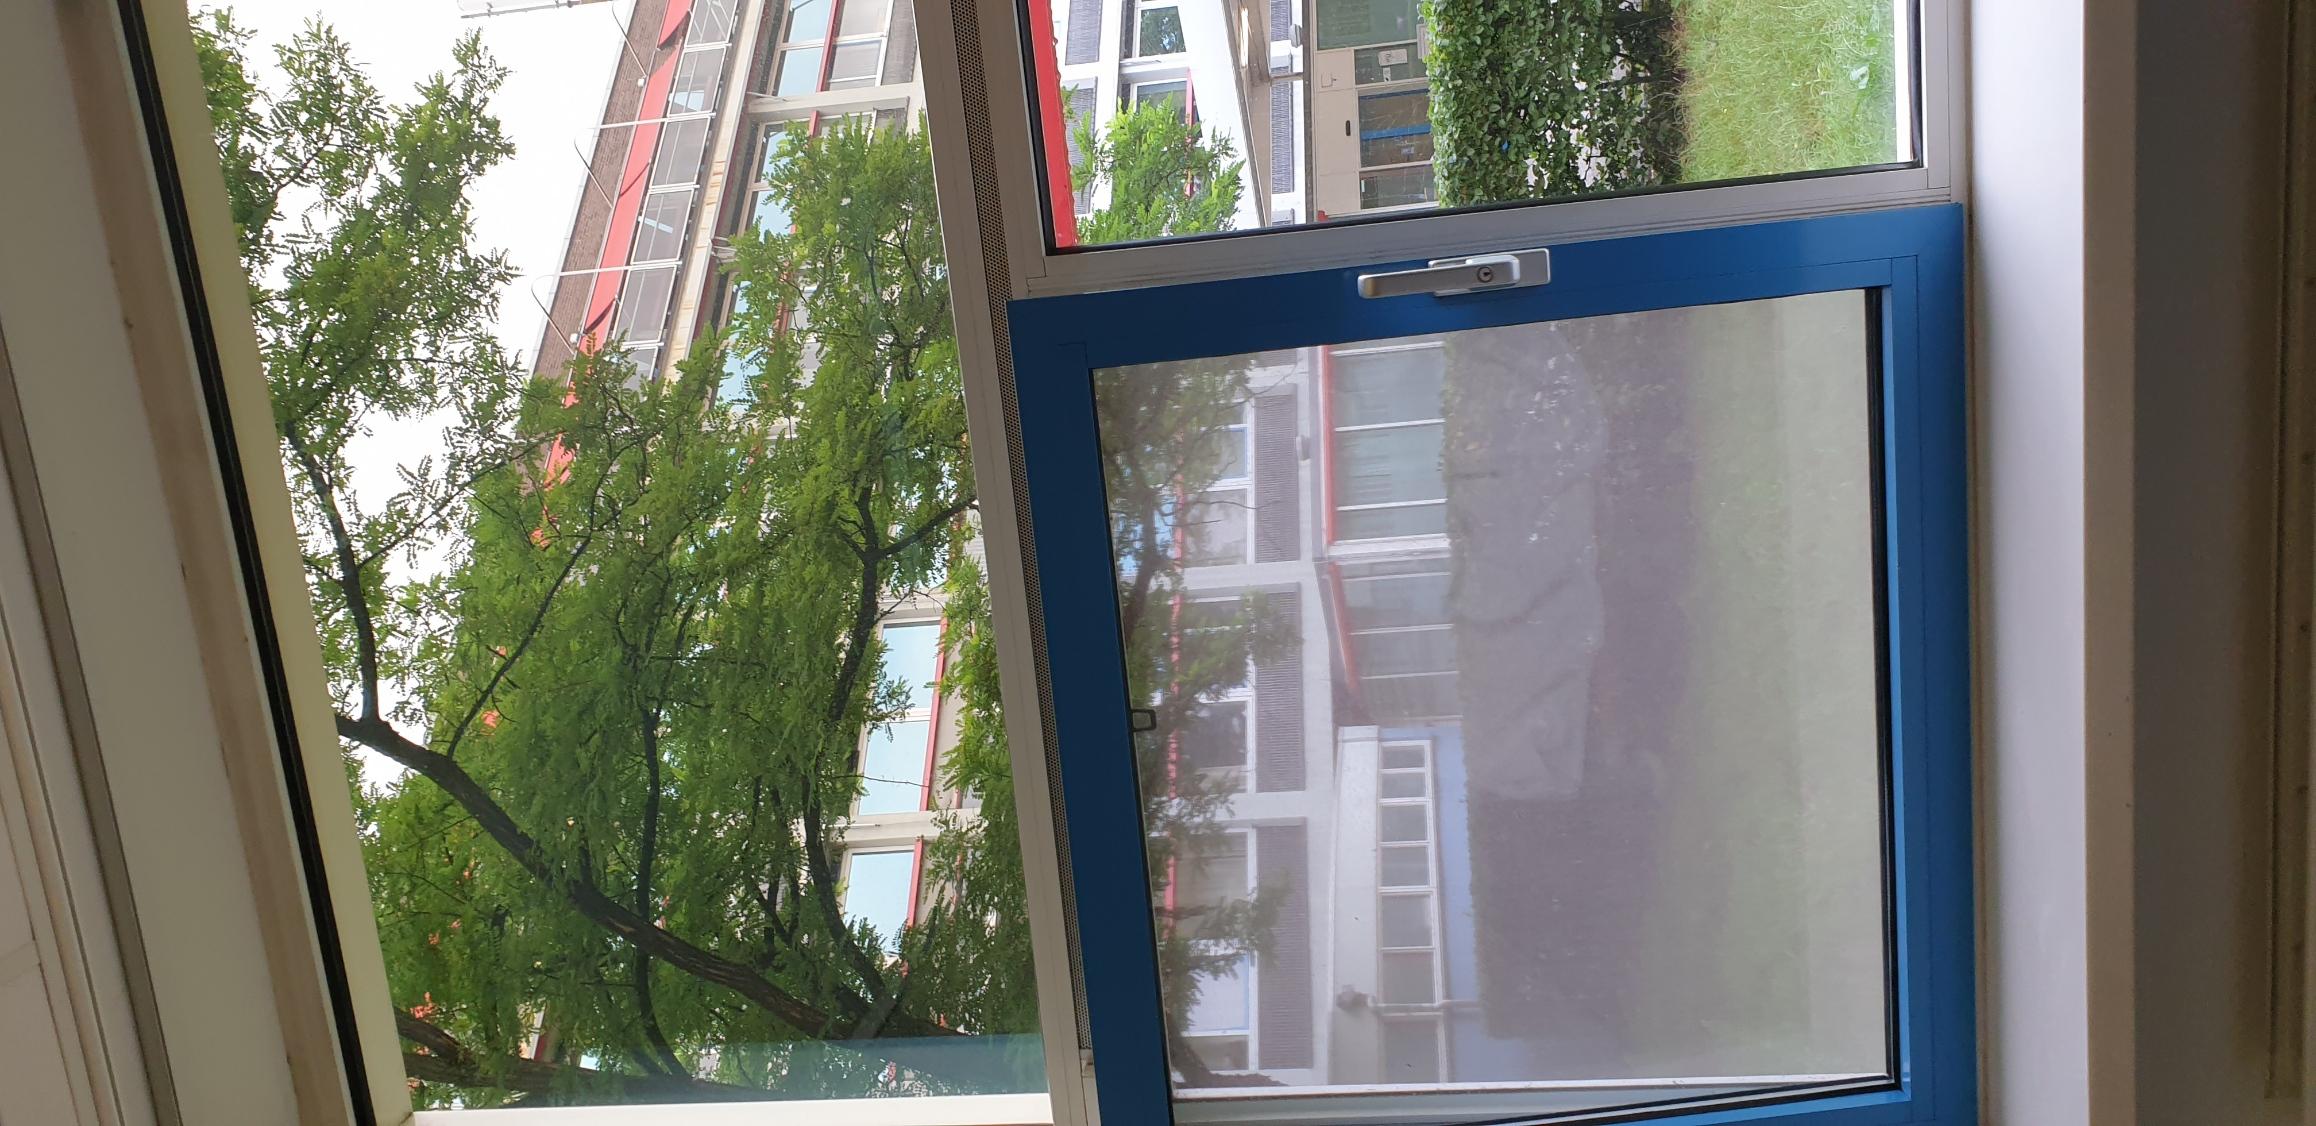 Room with a view. Heerlijk weer de kamer voor mij alleen. Echt fijn!